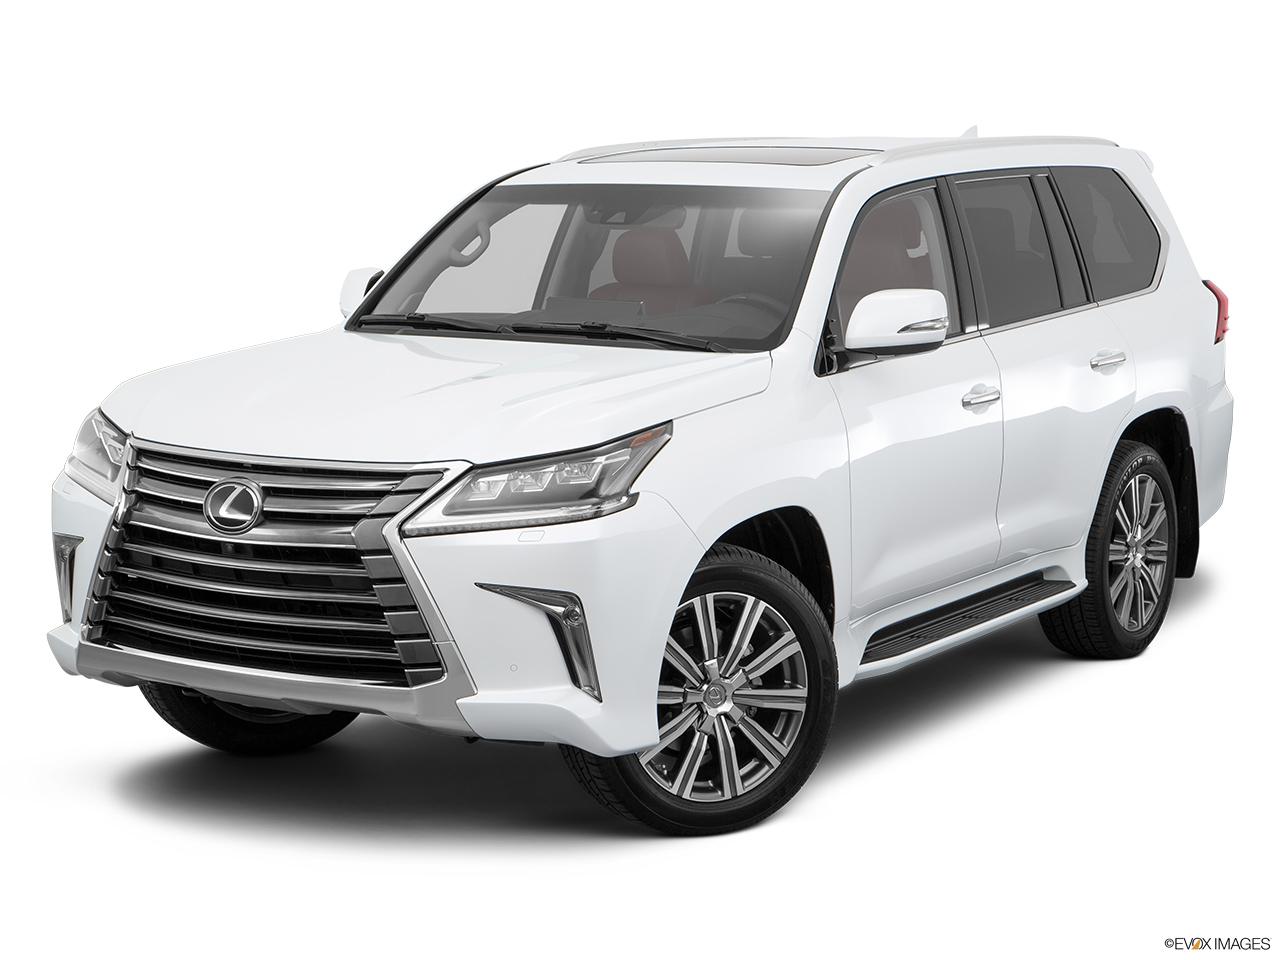 Lexus Lx 2017 570 Platinum In Saudi Arabia New Car Prices